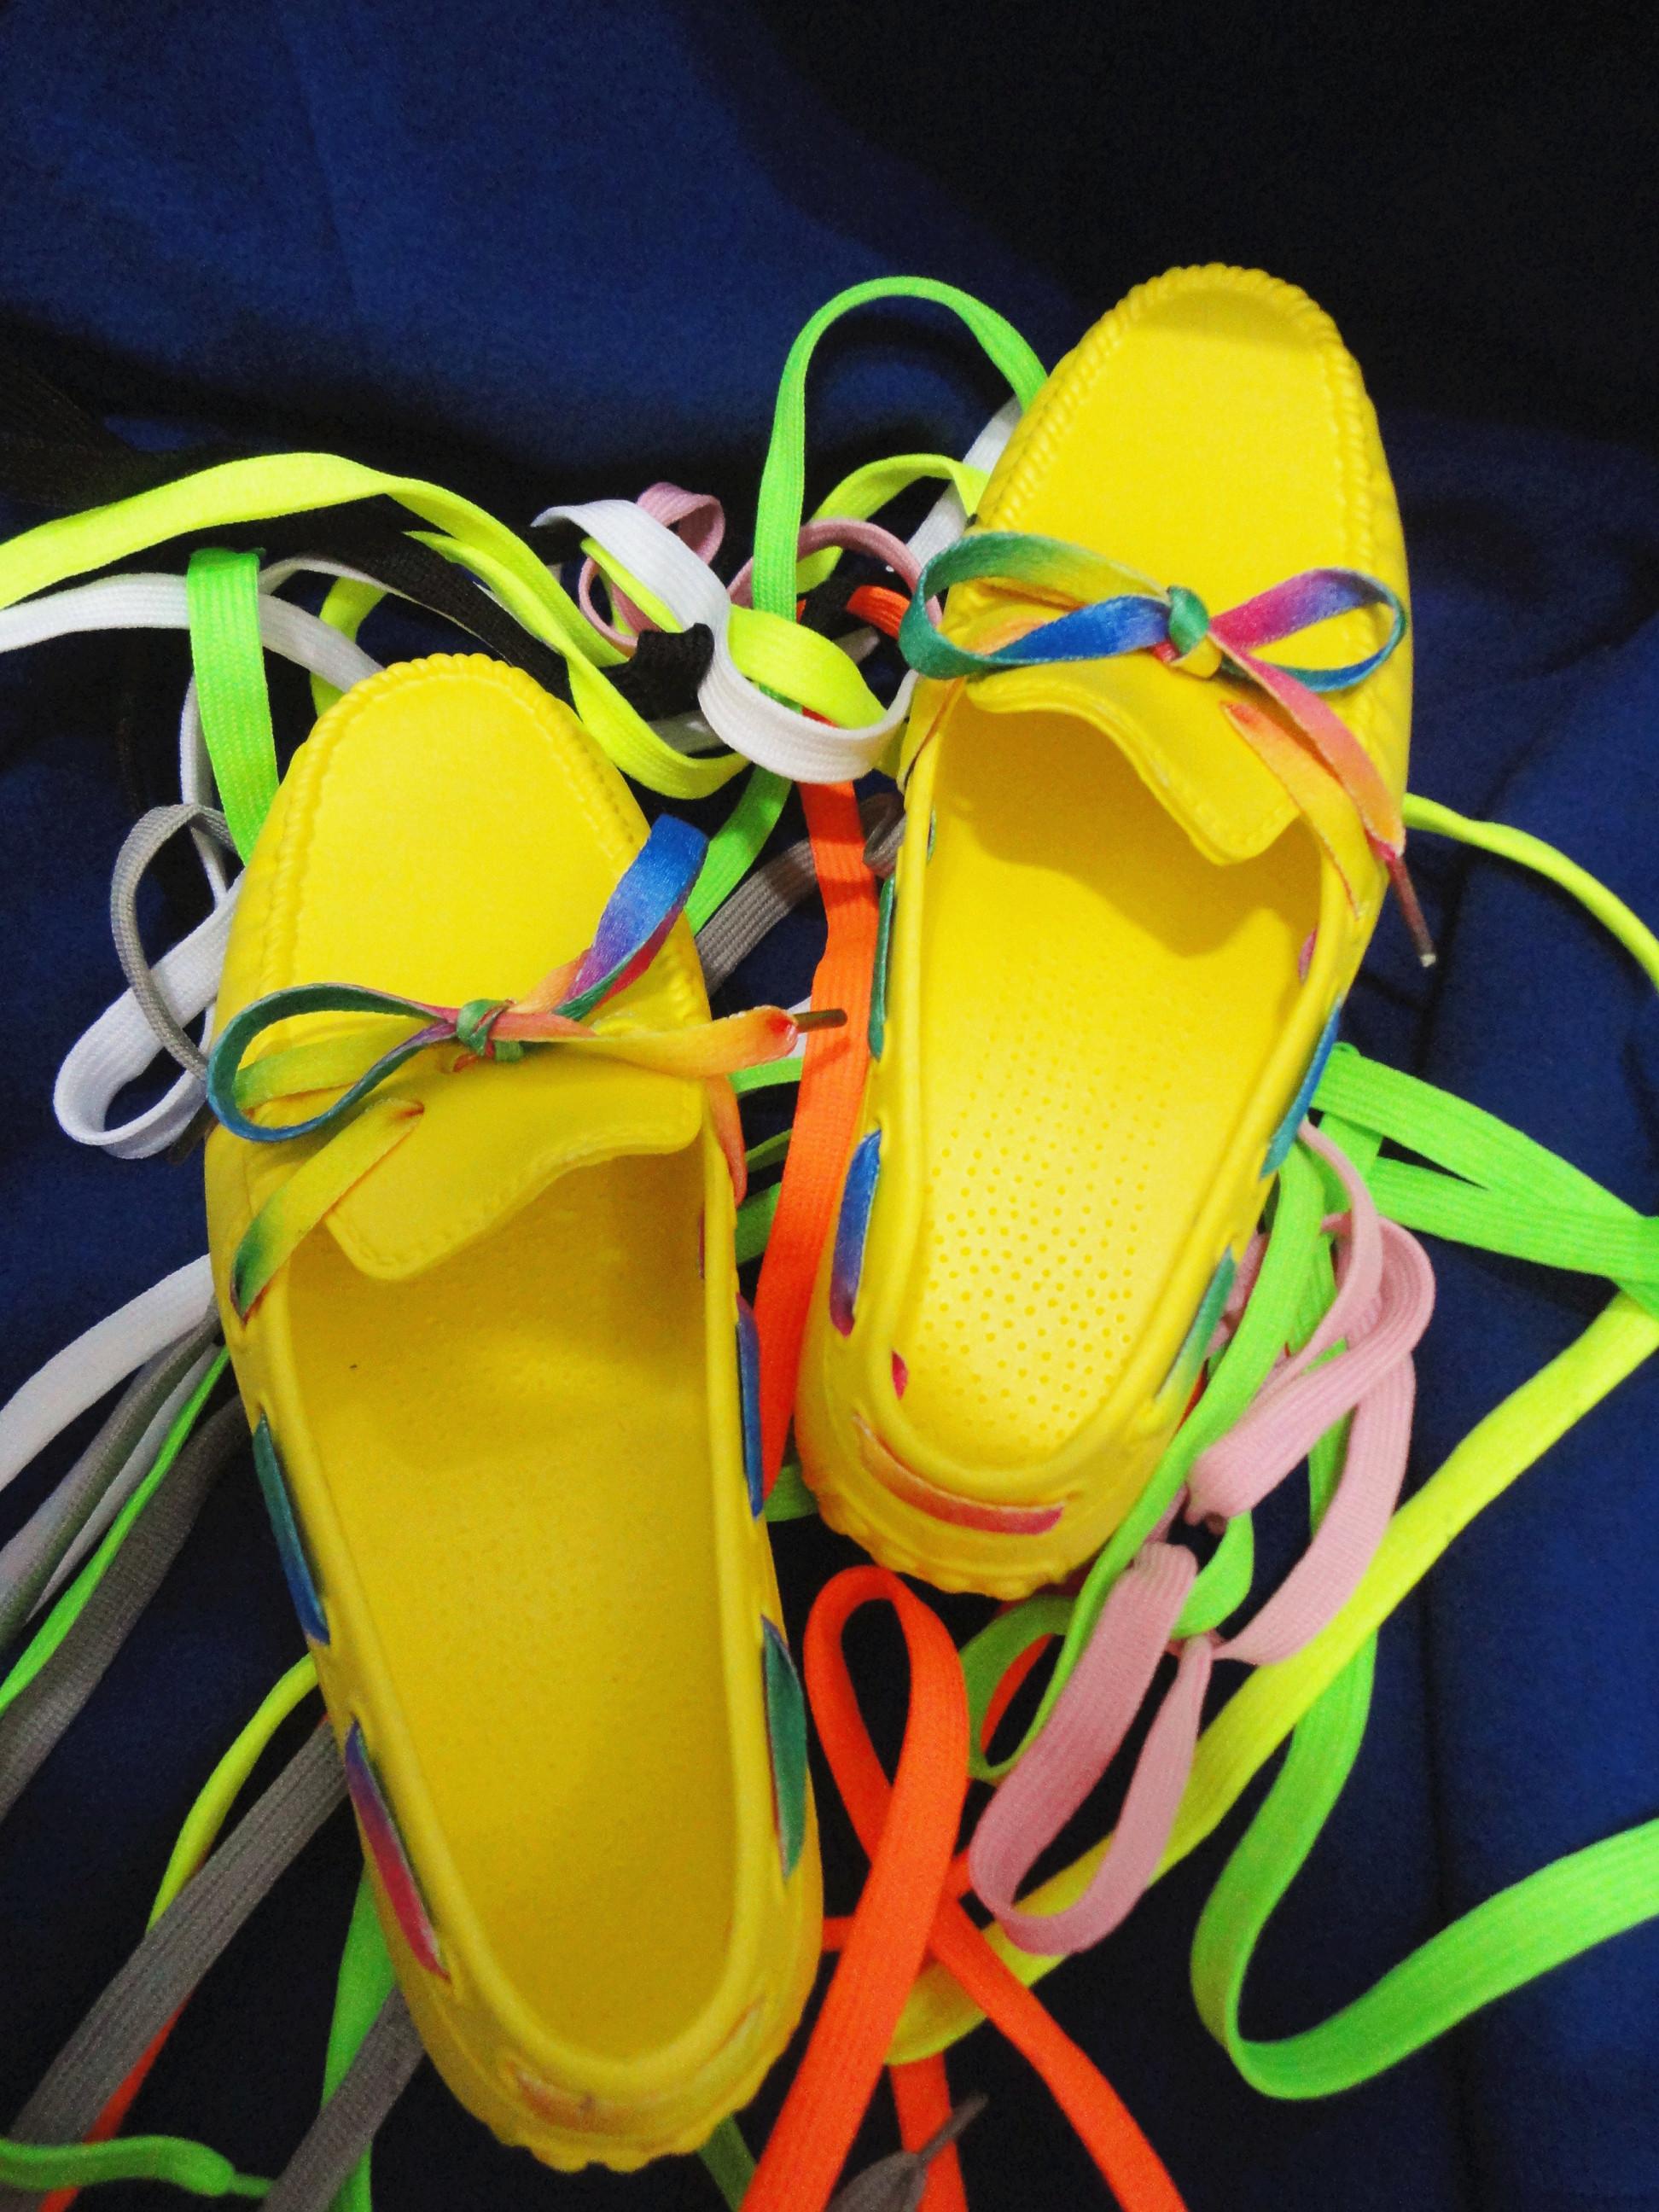 【疯狂の豆豆家居鞋】今年最火的豆豆鞋,想着买双同款